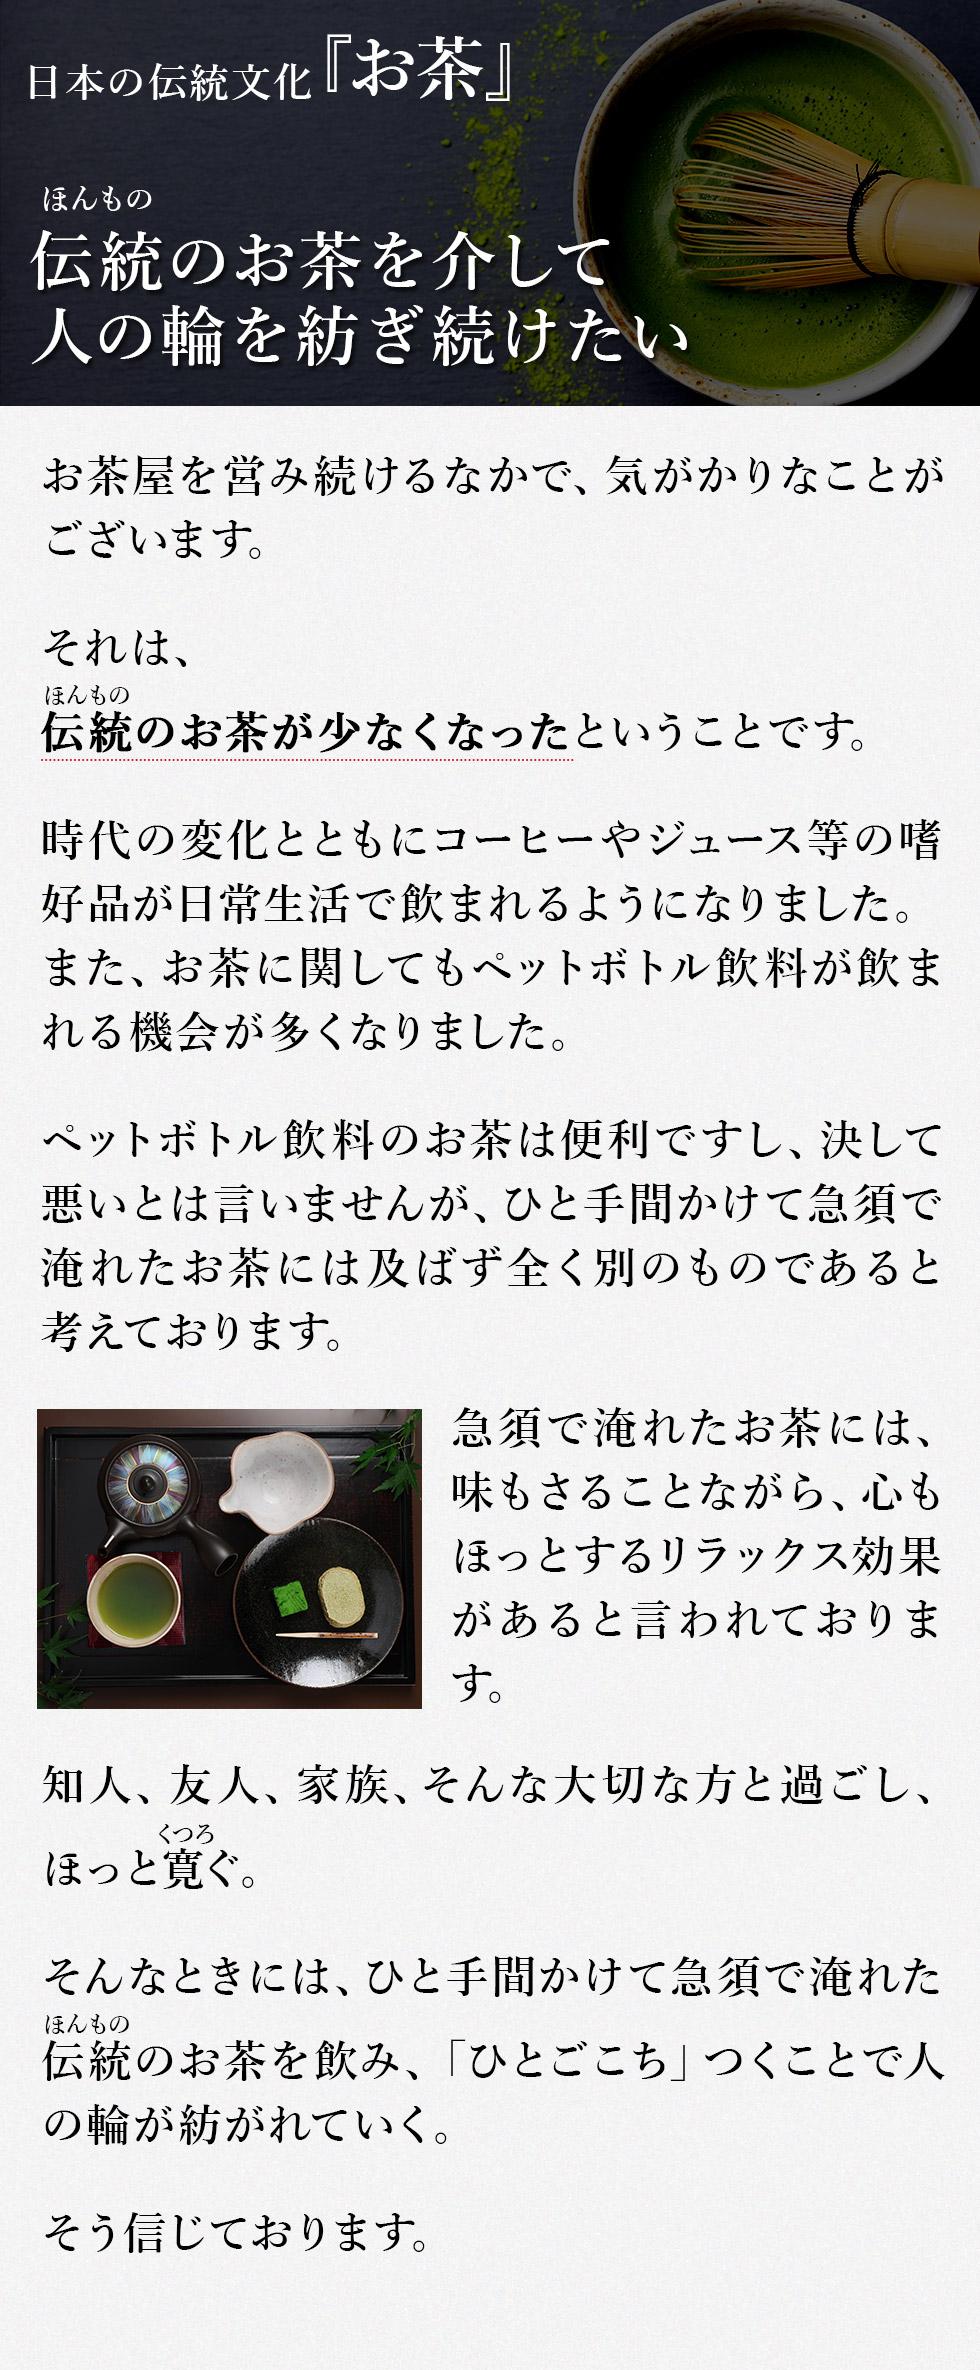 日本の伝統文化~お茶~ 伝統(ほんもの)のお茶を介して人の輪を紡ぎ続けたい お茶屋を営み続けるなかで、気がかりなことがございます。 それは、 伝統(ほんもの)のお茶が少なくなったということです。 時代の変化とともにコーヒーやジュース等の嗜好品(しこうひん)が日常生活で飲まれるようになりました。また、お茶に関してもペットボトル飲料が飲まれる機会が多くなりました。 ペットボトル飲料のお茶は便利ですし、決して悪いとは言いませんが、ひと手間かけて急須で淹れたお茶には及ばず全く別のものであると考えております。 急須で淹れたお茶には、味もさることながら、心もほっとするリラックス効果があると言われております。 知人、友人、家族、そんな大切な方と過ごし、ほっと寛(くつろ)ぐ。 そんなときには、ひと手間かけて急須で淹れた伝統(ほんもの)のお茶を飲み、「ひとごこち」つくことで人の輪が紡がれていく。 そう信じております。